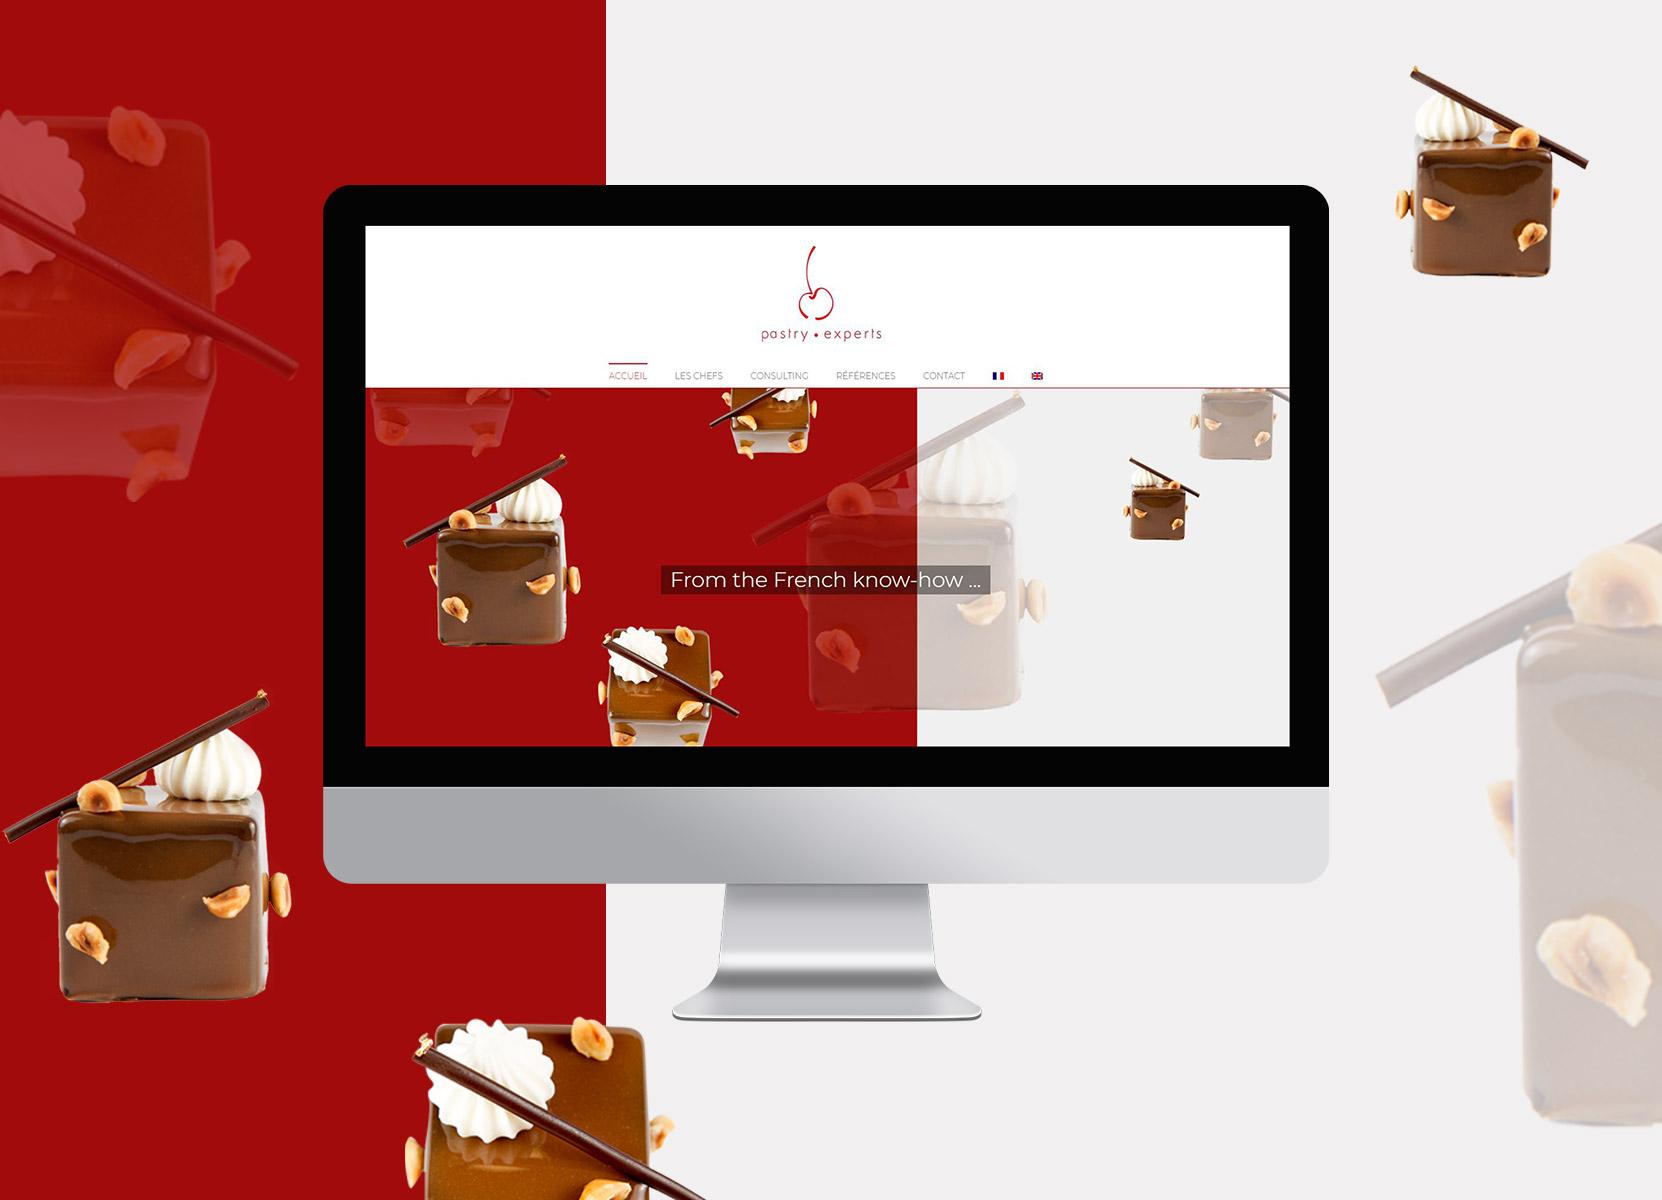 Pastry Experts présentation site 1